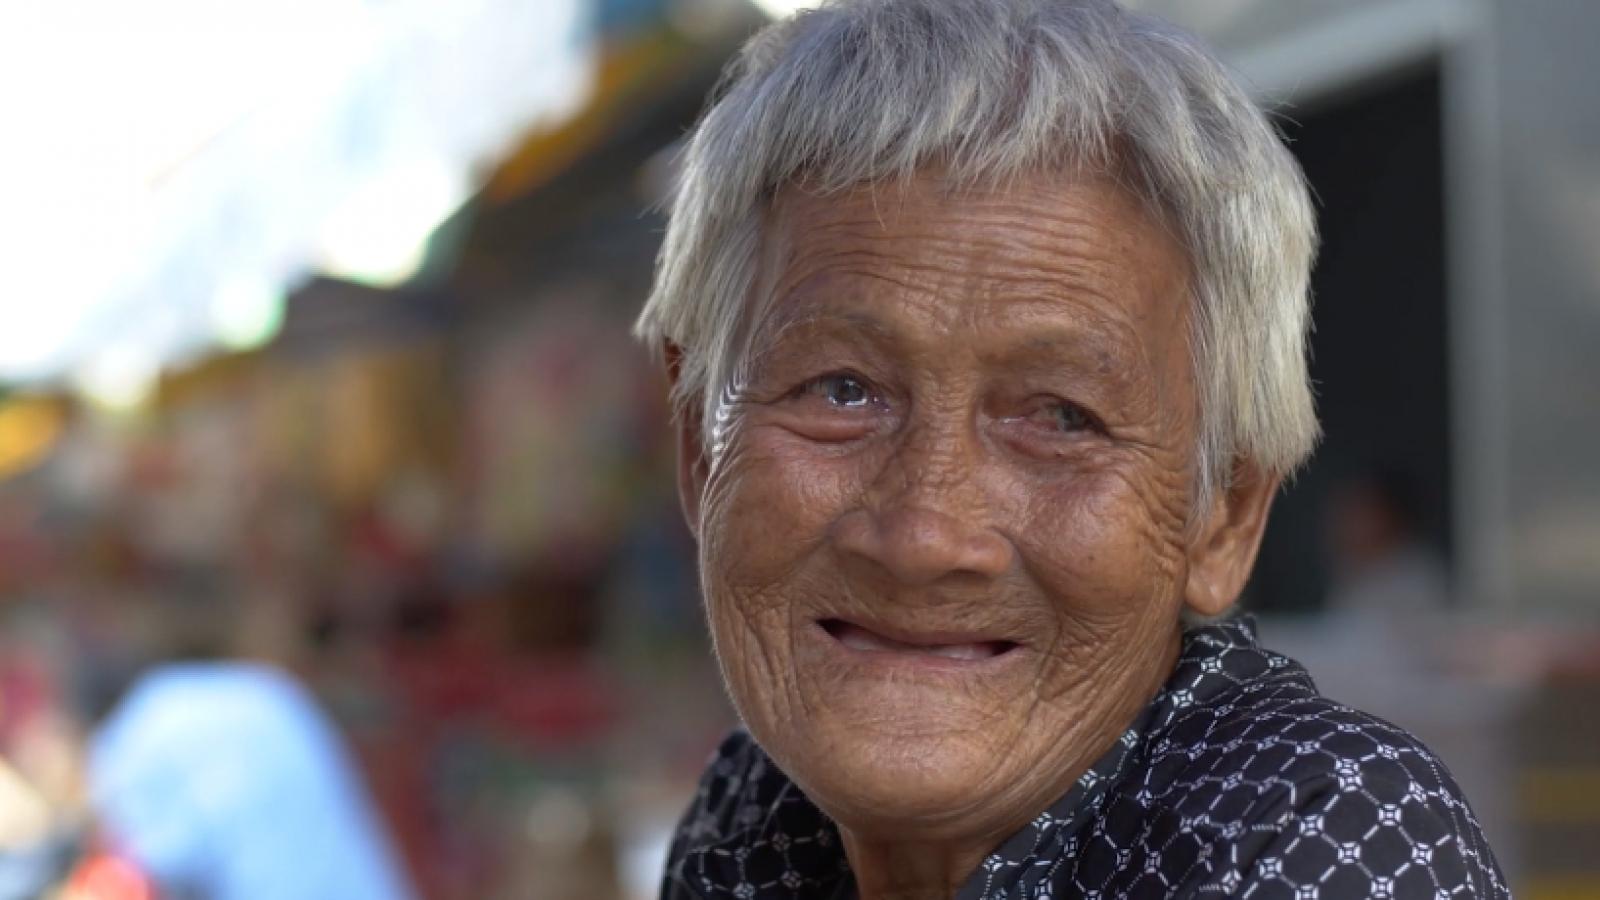 Cụ bà 88 tuổi dành 75 năm để làm nên món chè huyền thoại ở Mỹ Tho